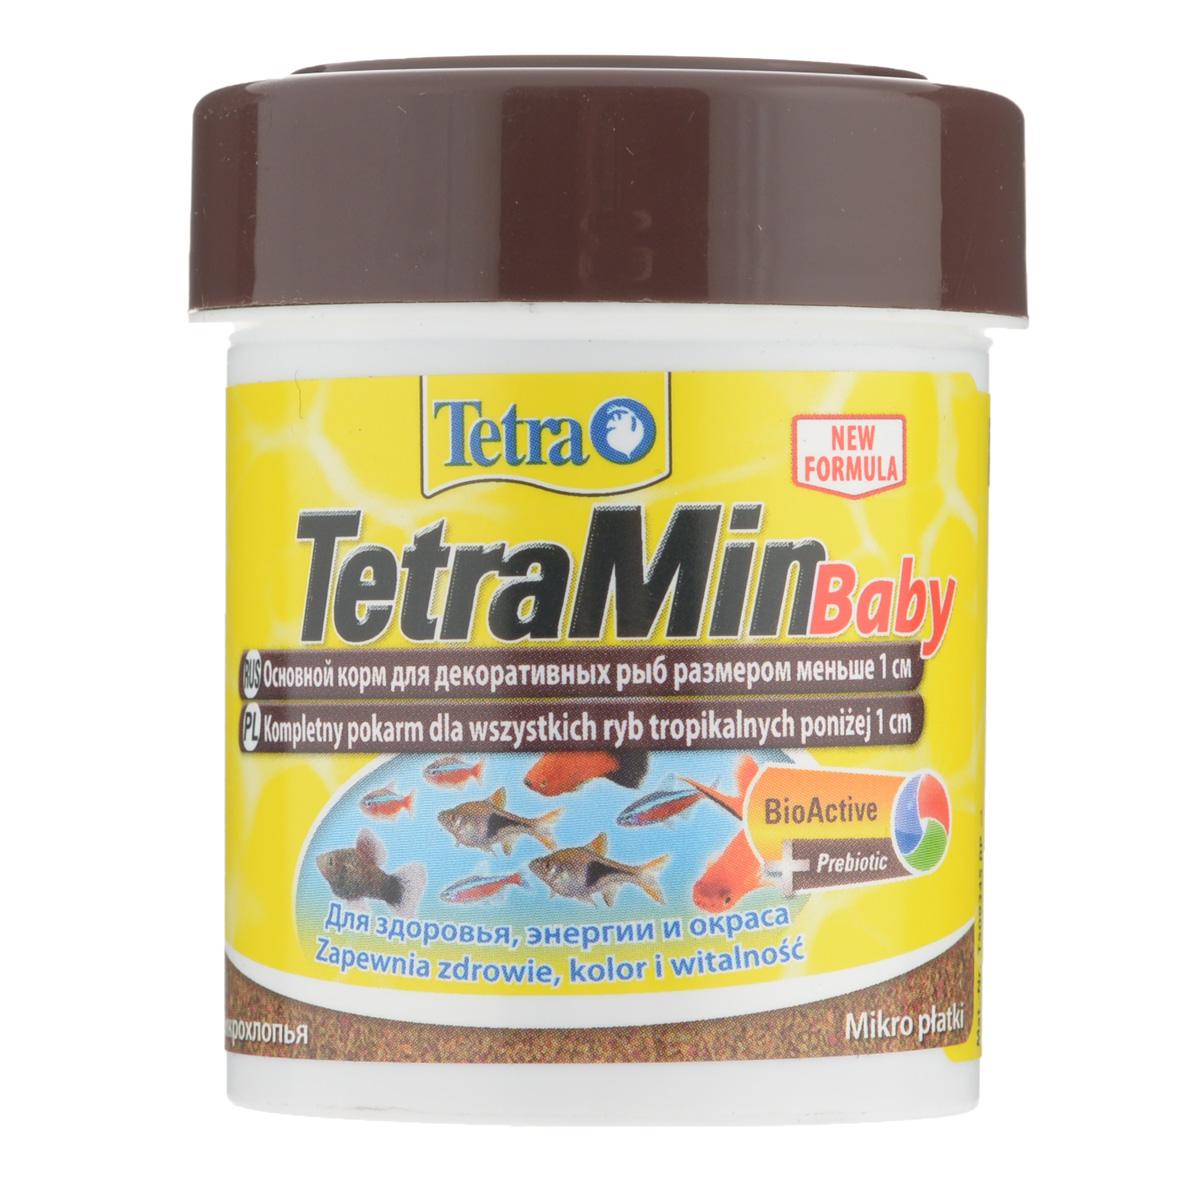 Корм Tetra Min Baby для декоративных рыб меньше 1 см, в виде микрохлопьев, 66 мл199156Корм Tetra Min Baby - это биологически сбалансированный корм в виде микрохлопьев. Очень качественное просеянная смесь высокопитательных и функциональных ингредиентов для поддержания здорового роста на ранних стадий жизни рыб.Рекомендации по кормлению: кормить несколько раз в день маленькими порциями. Характеристики: Состав: рыба и побочные рыбные продукты, зерновые культуры, дрожжи, экстракты растительного белка, моллюски и раки, масла и жиры, сахар (Олигофруктоза 1%), минеральные вещества, водоросли.Пищевая ценность: сырой белок - 46%, сырые масла и жиры - 11%, сырая клетчатка - 2,0%, влага - 6%.Добавки: витамины, провитамины и химические вещества с аналогичным воздействием: витамин А 17310 МЕ/кг, витамин Д3 1080 МЕ/кг. Комбинации элементов: Е5 Марганец 96 мг/кг, Е6 Цинк 57 мг/кг, Е1 Железо 37 мг/кг. Красители, антиоксиданты. Вес: 66 мл (30 г).Товар сертифицирован.